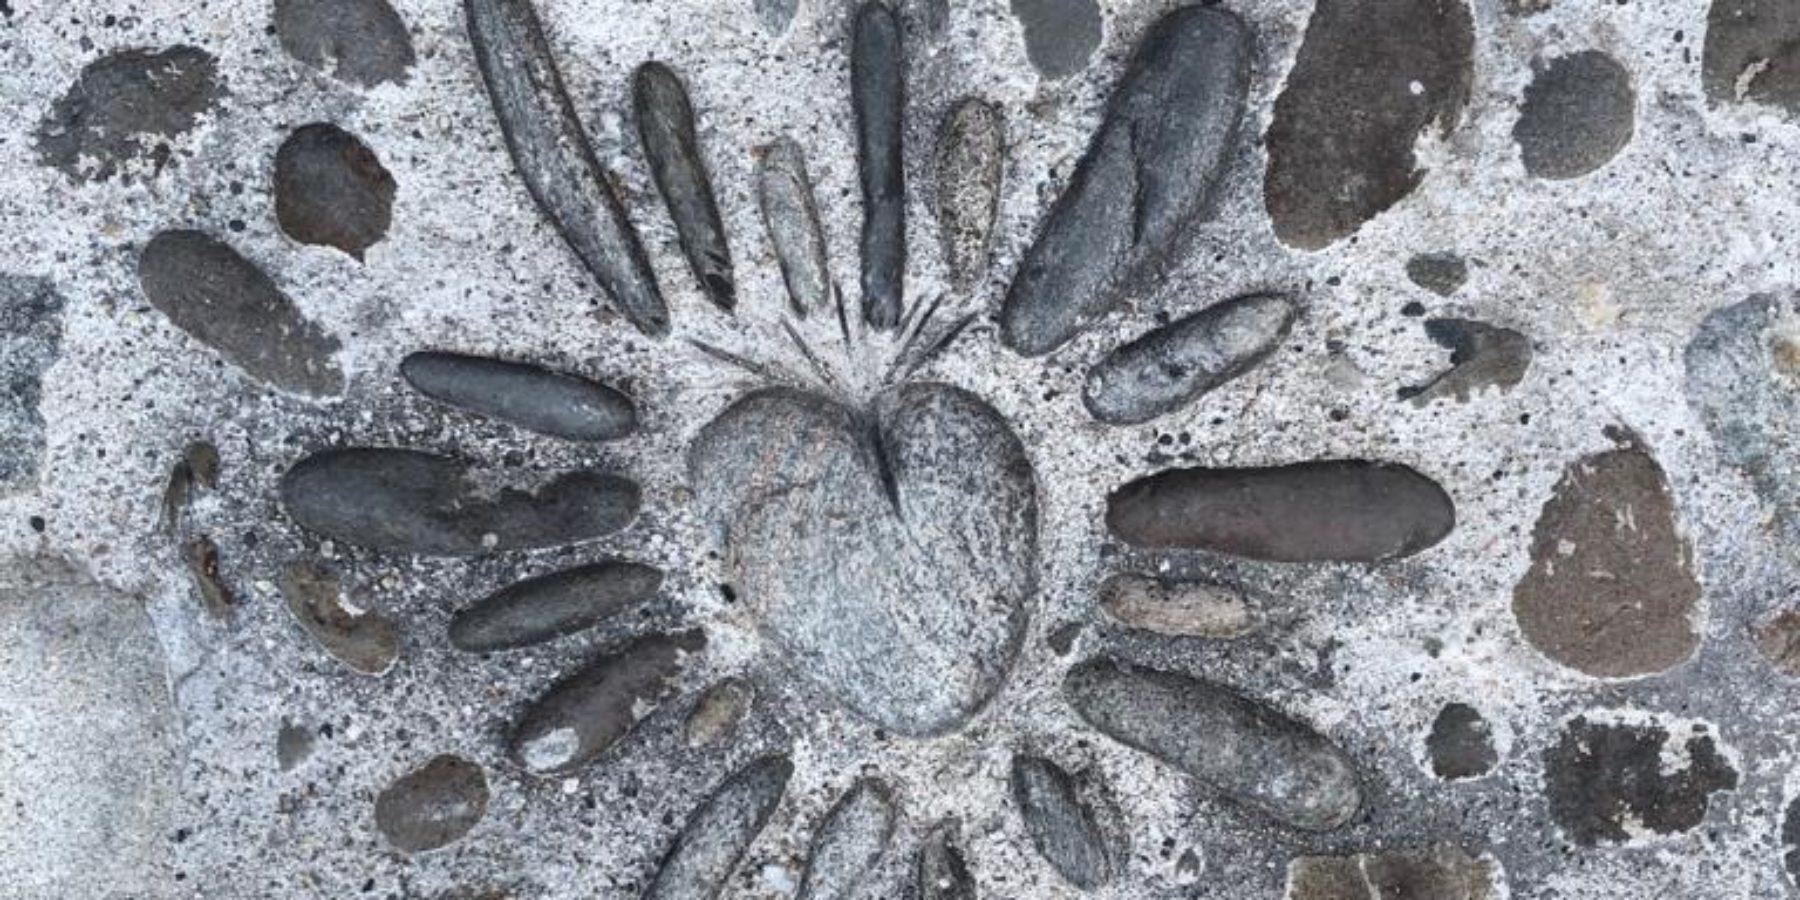 En arrivant à la Maison du Chevalier des Huttes à Vic sur Cère (Auvergne, Cantal, France), les hôtes sont accueillis avec cœur ; ce symbole est d'ailleurs représenté devant la porte d'entrée grâce aux talents des maçons clermontois ayant réalisé la calade de galets séparant la maison du jardin.